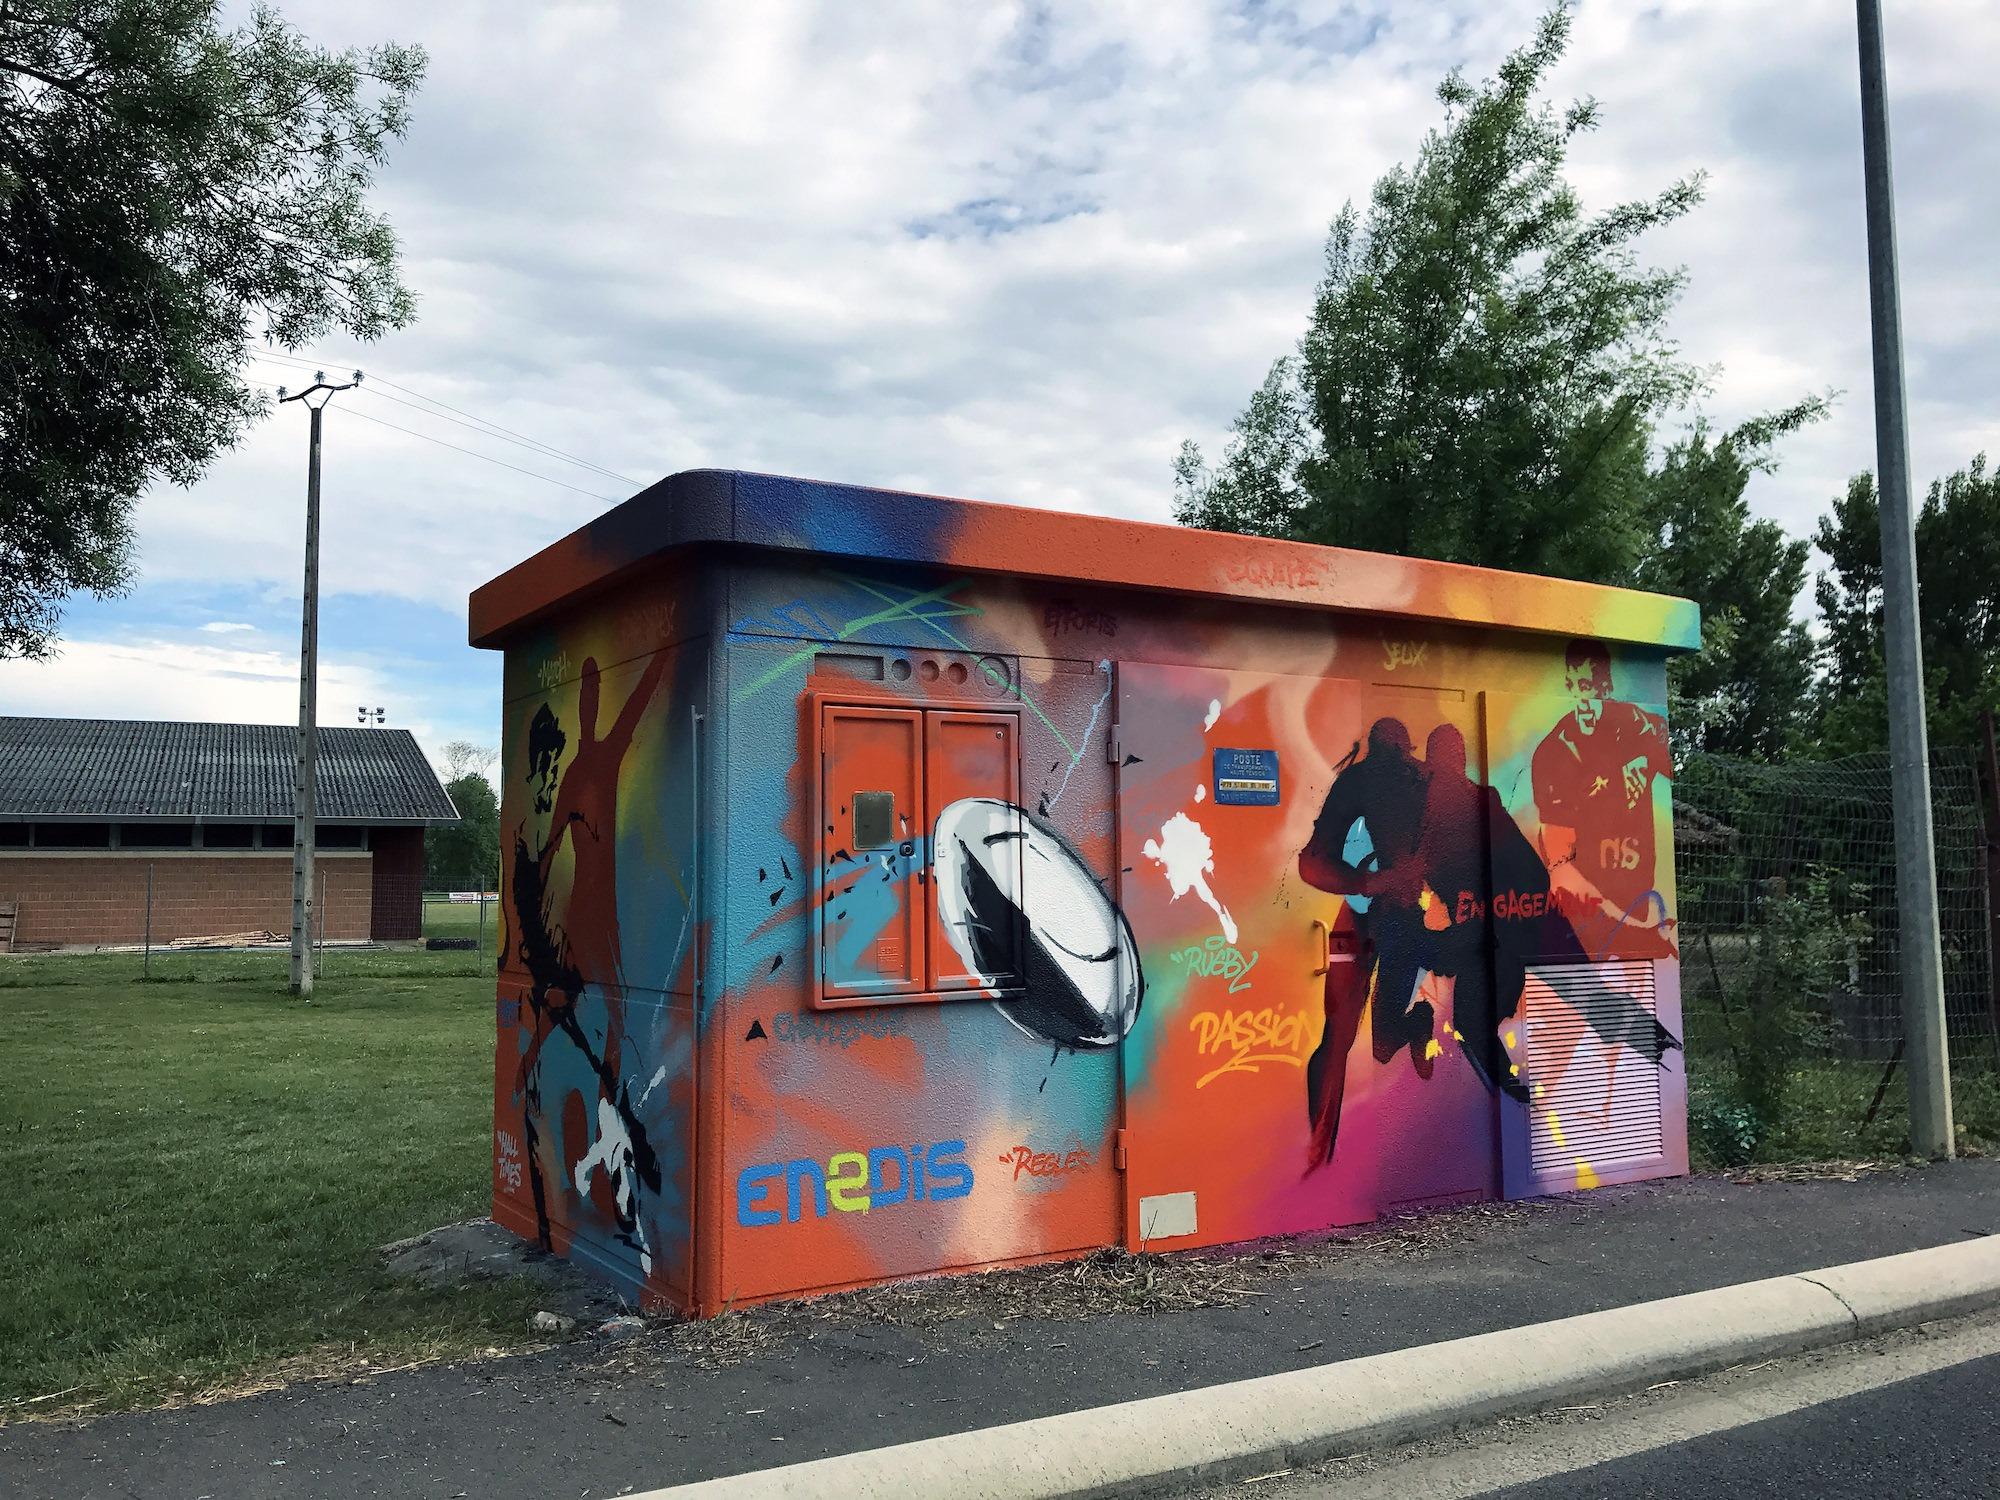 beaumont-de-lomagne-graffiti-poste-transformation-graffeur-halltimes